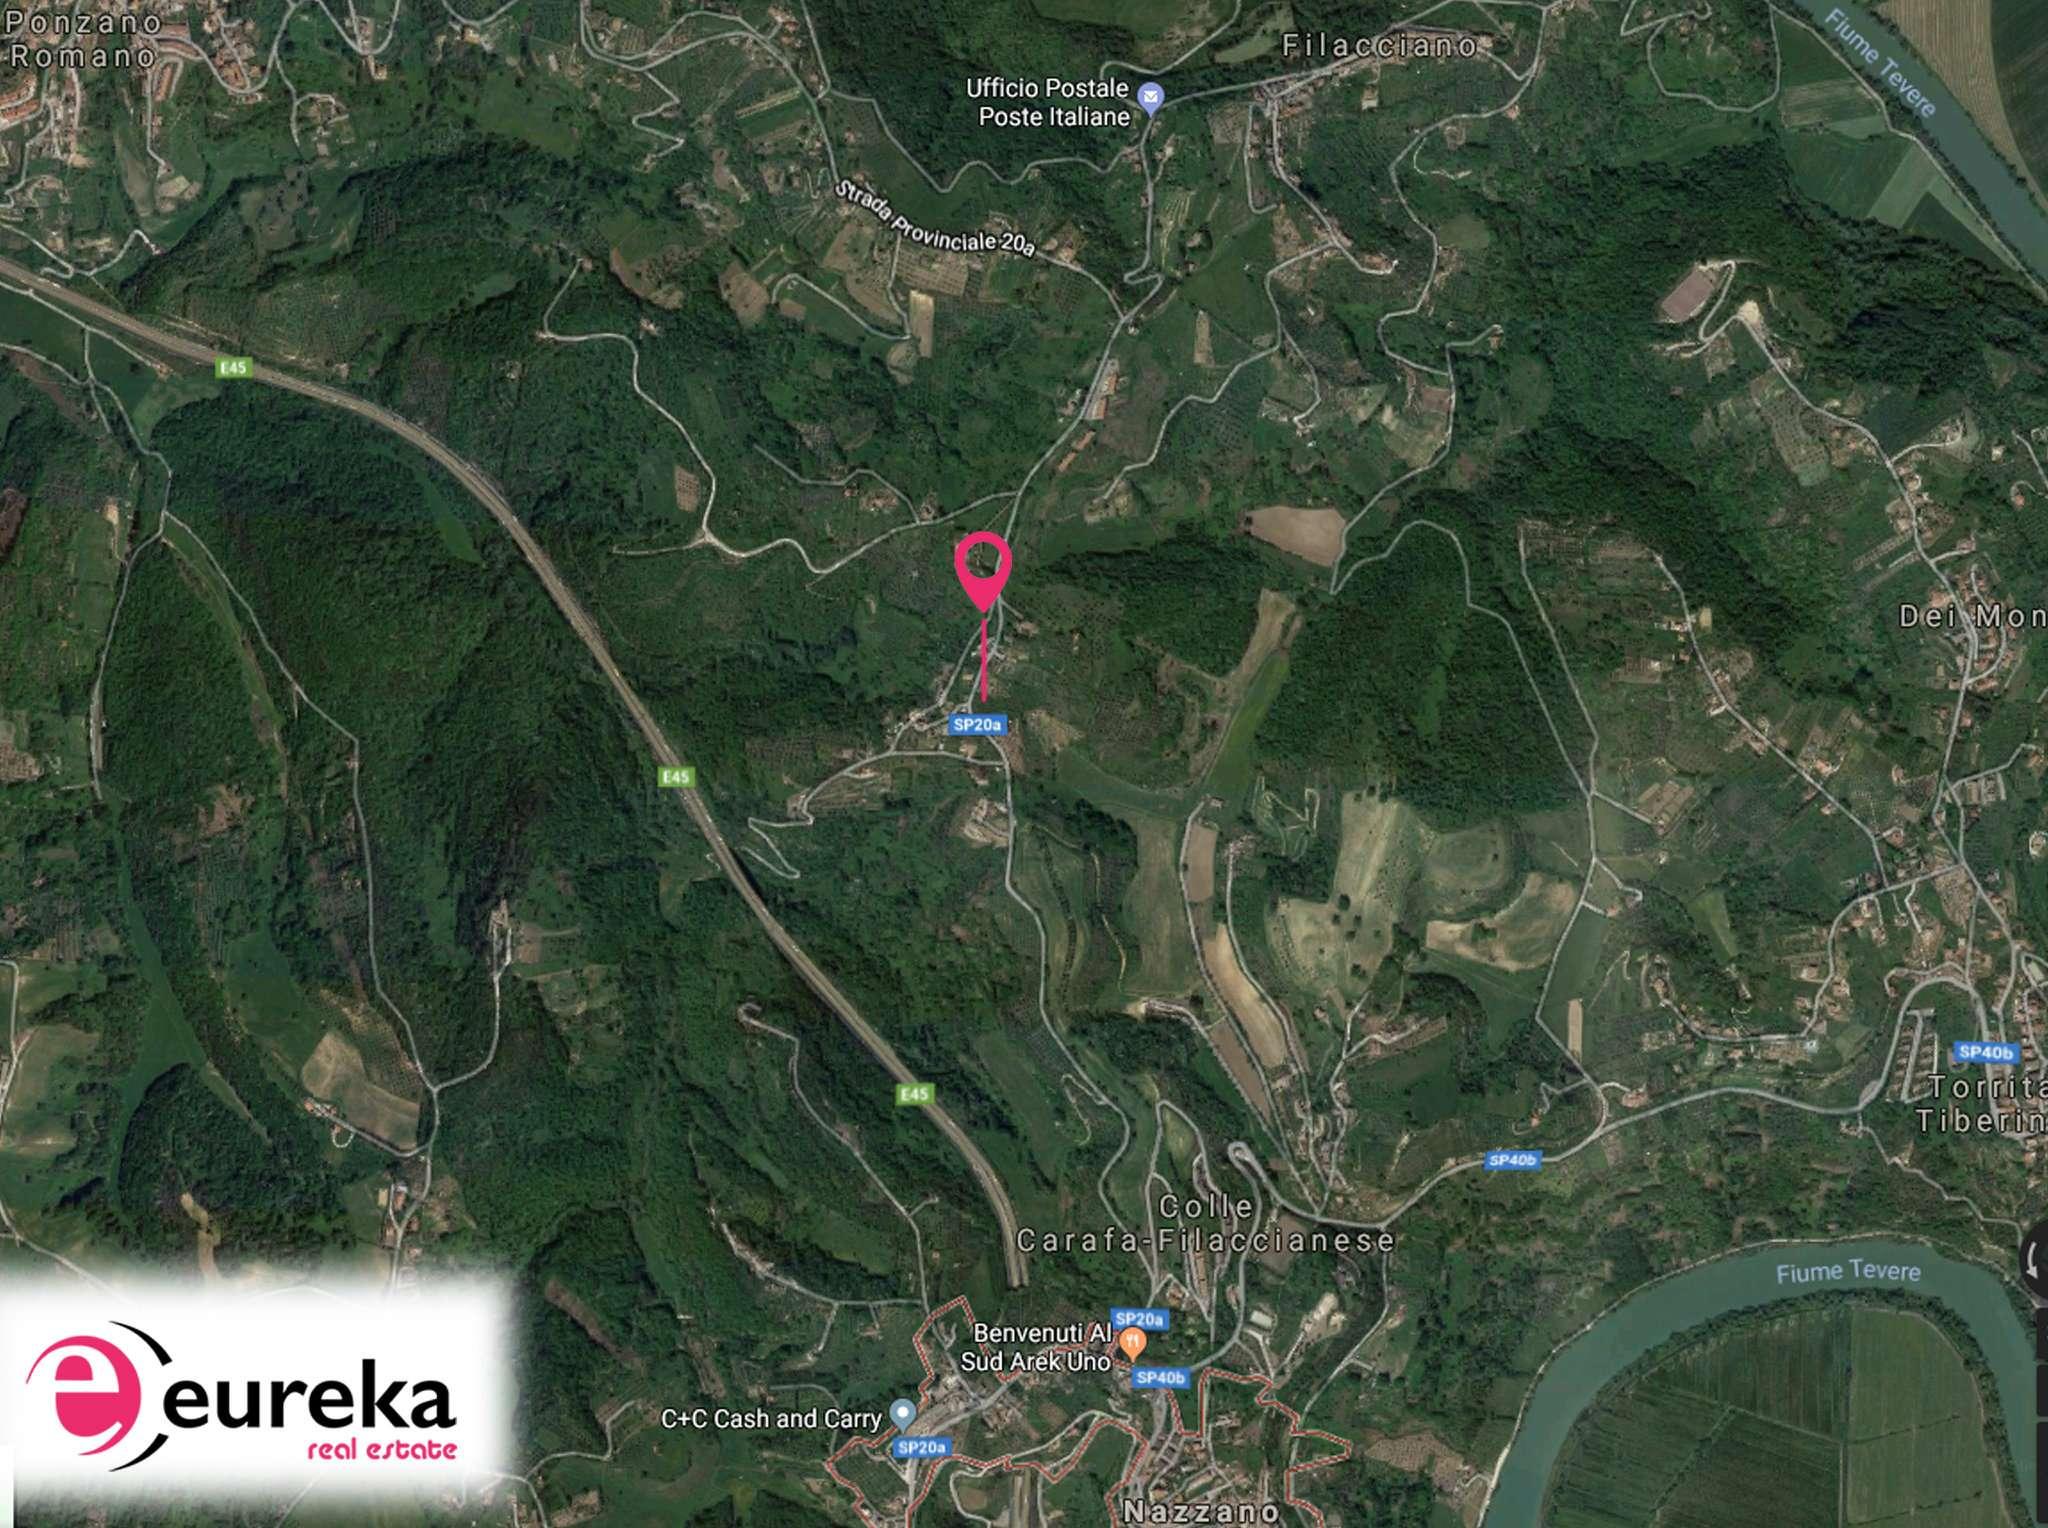 Terreno Edificabile Residenziale in vendita a Filacciano, 9999 locali, prezzo € 93.000 | CambioCasa.it